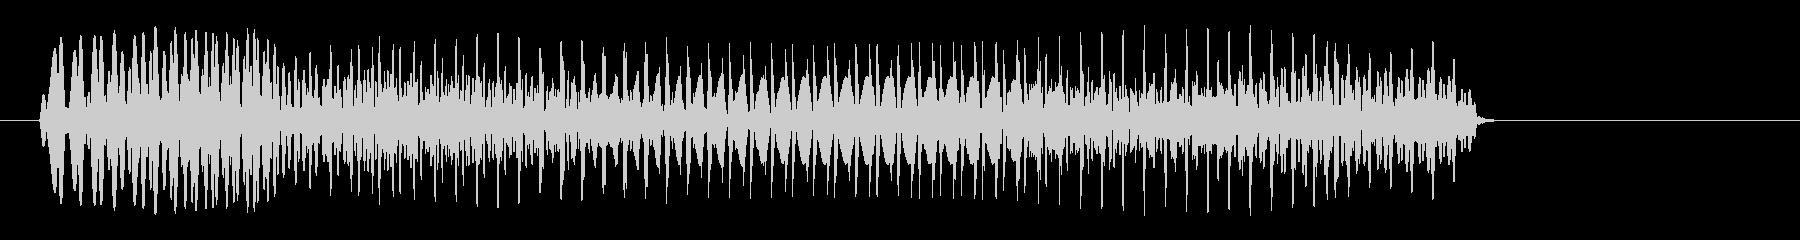 ポワァン(コミカル)脱力系の未再生の波形